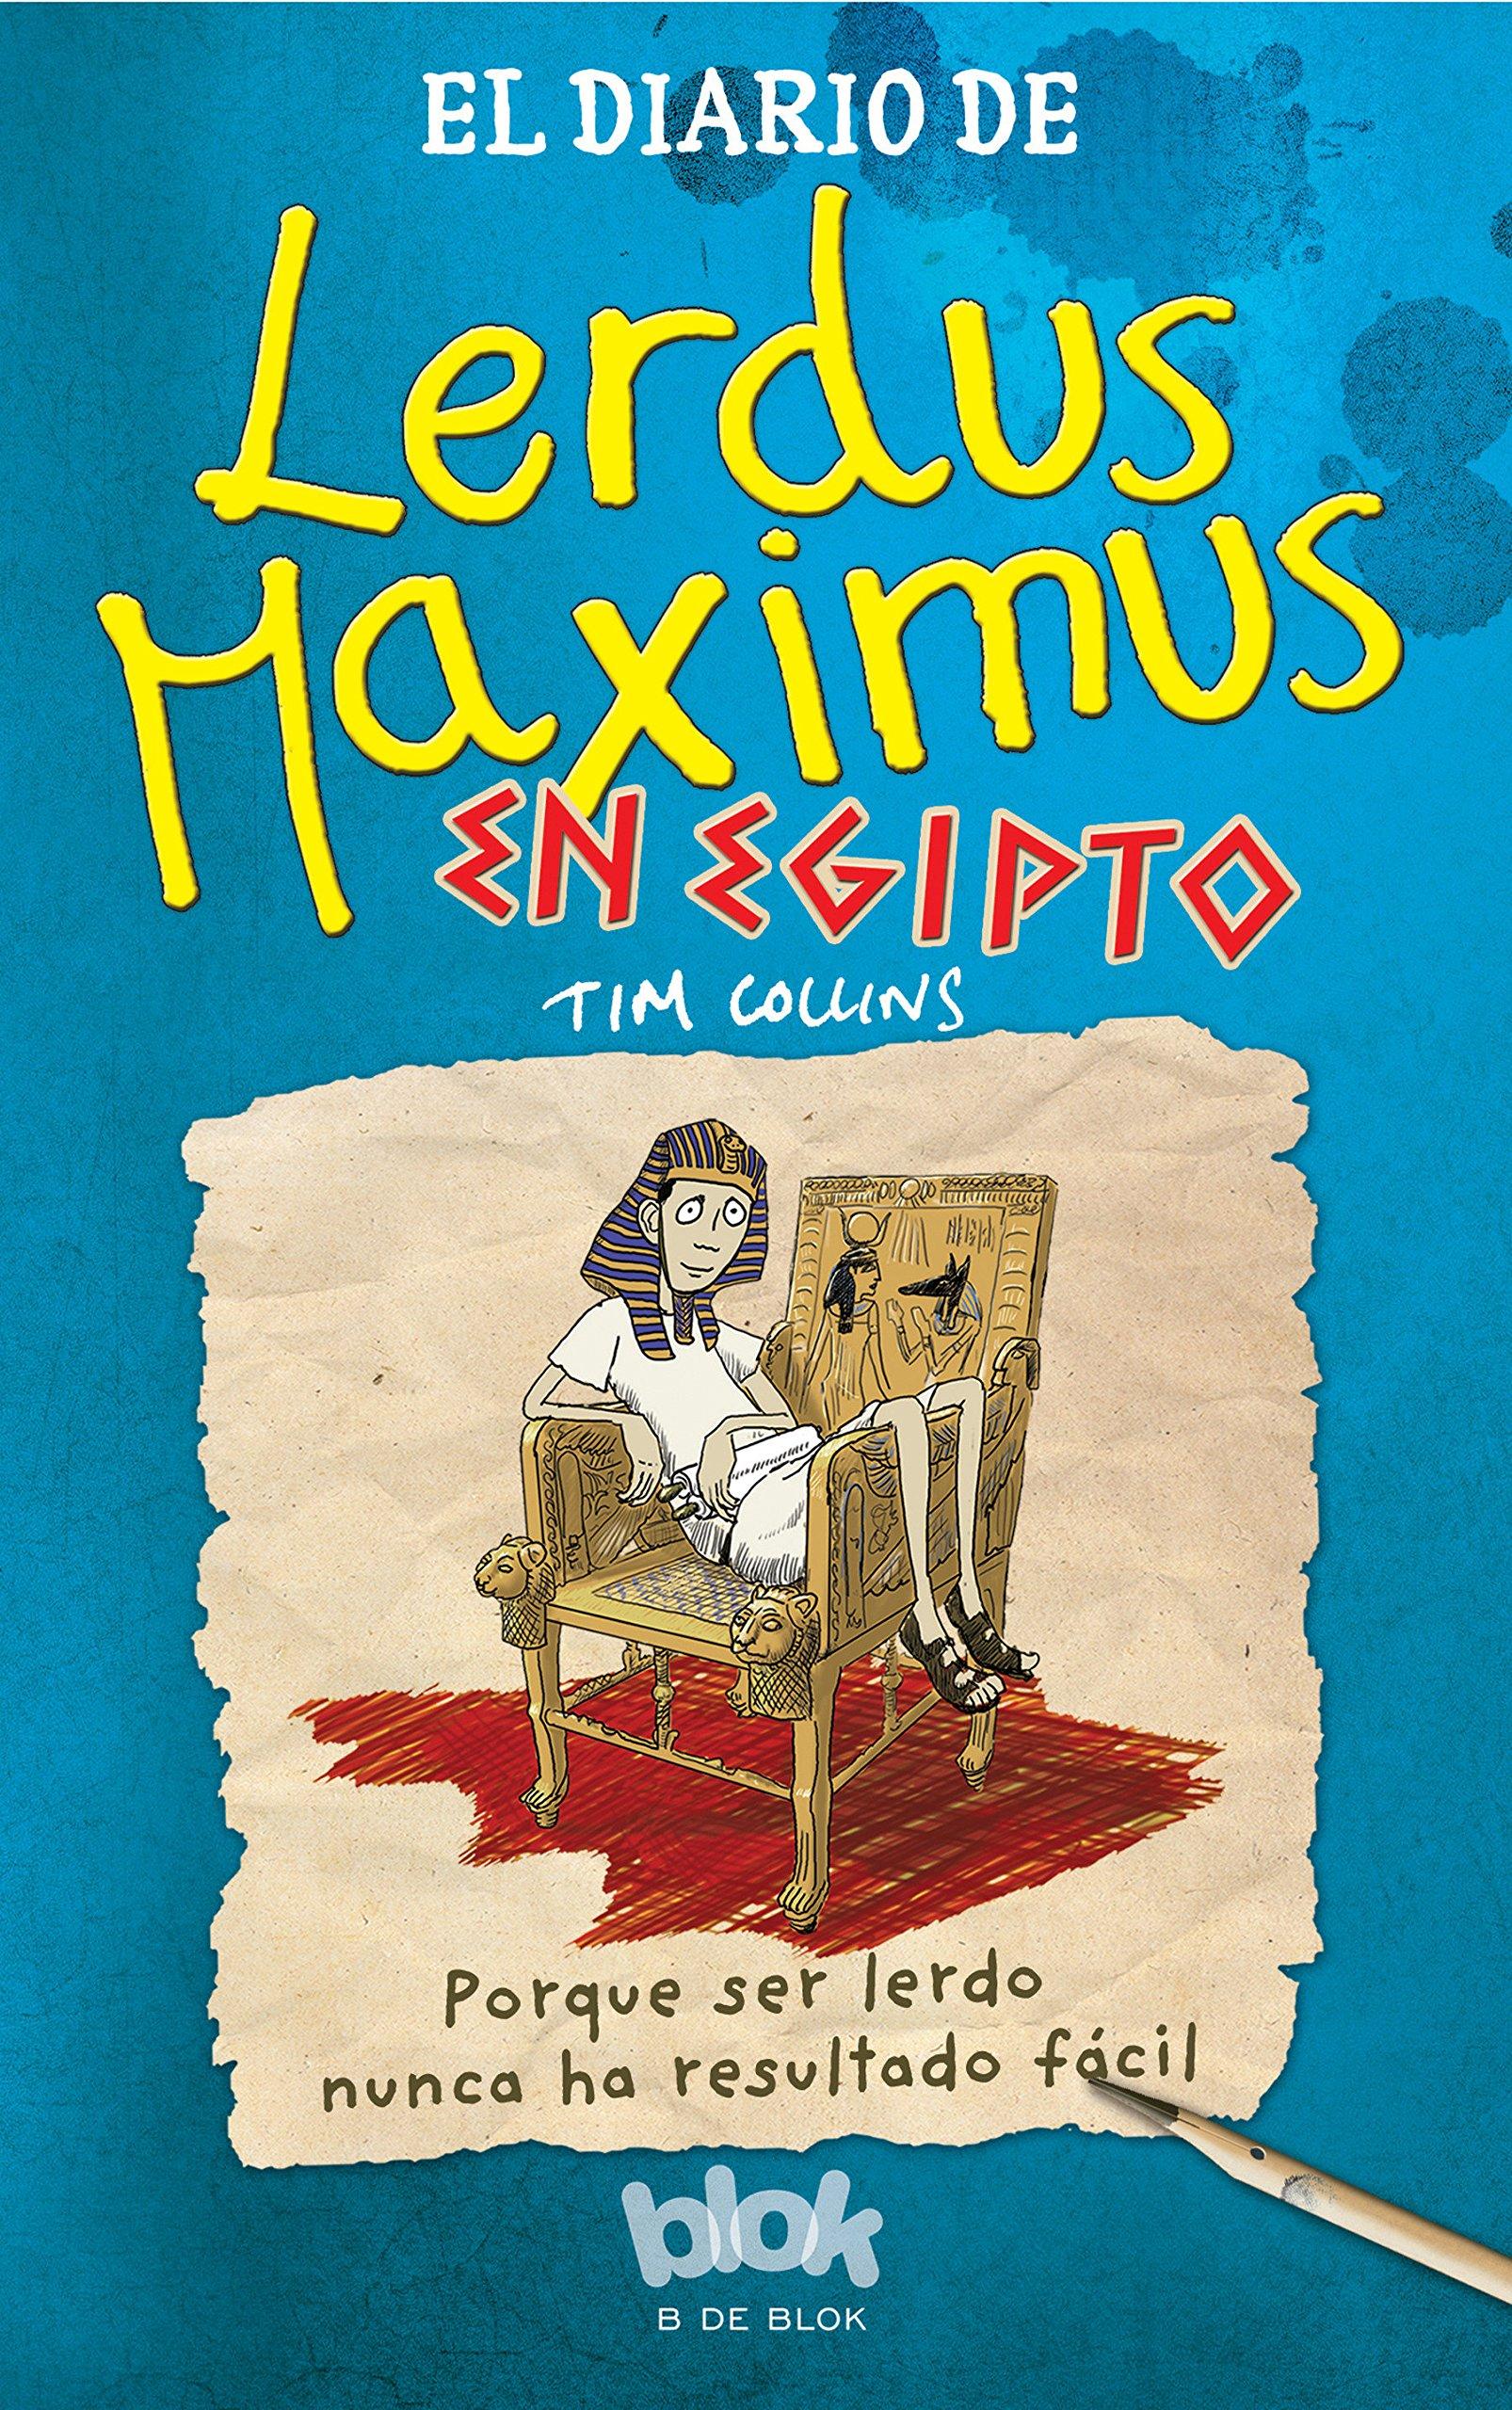 El diario de Lerdus Maximus enegipto / Diary of Dorkius Maximus in Egypt (Spanish Edition) pdf